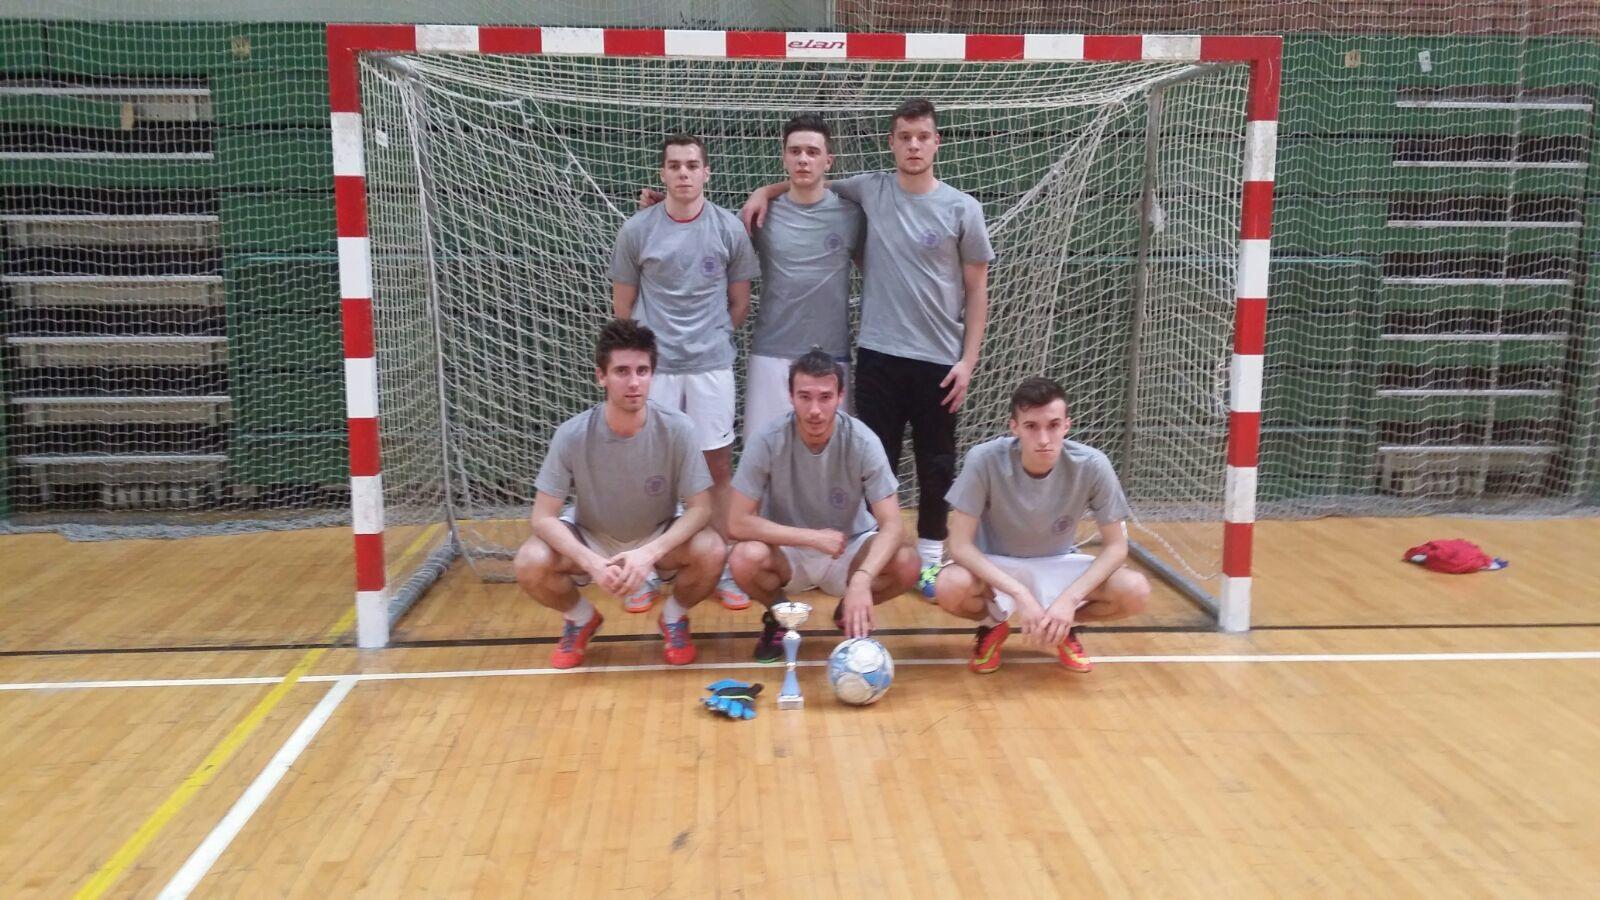 pobijednici futsal turnira EFZG 2016 ekipa Freshmanovci